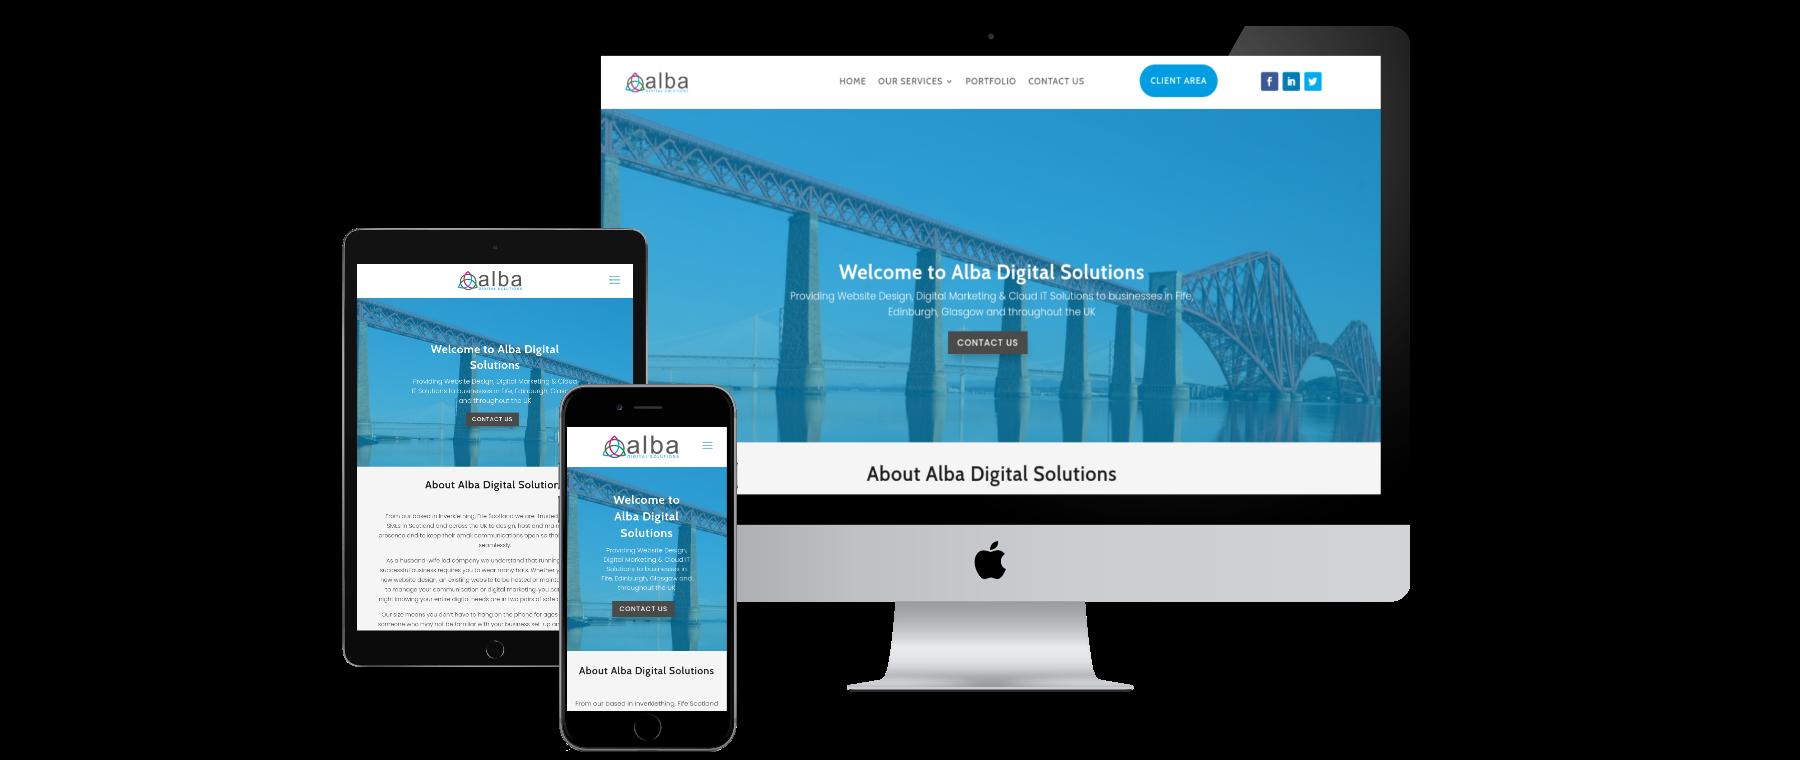 Alba Digital Solutions - Website Design